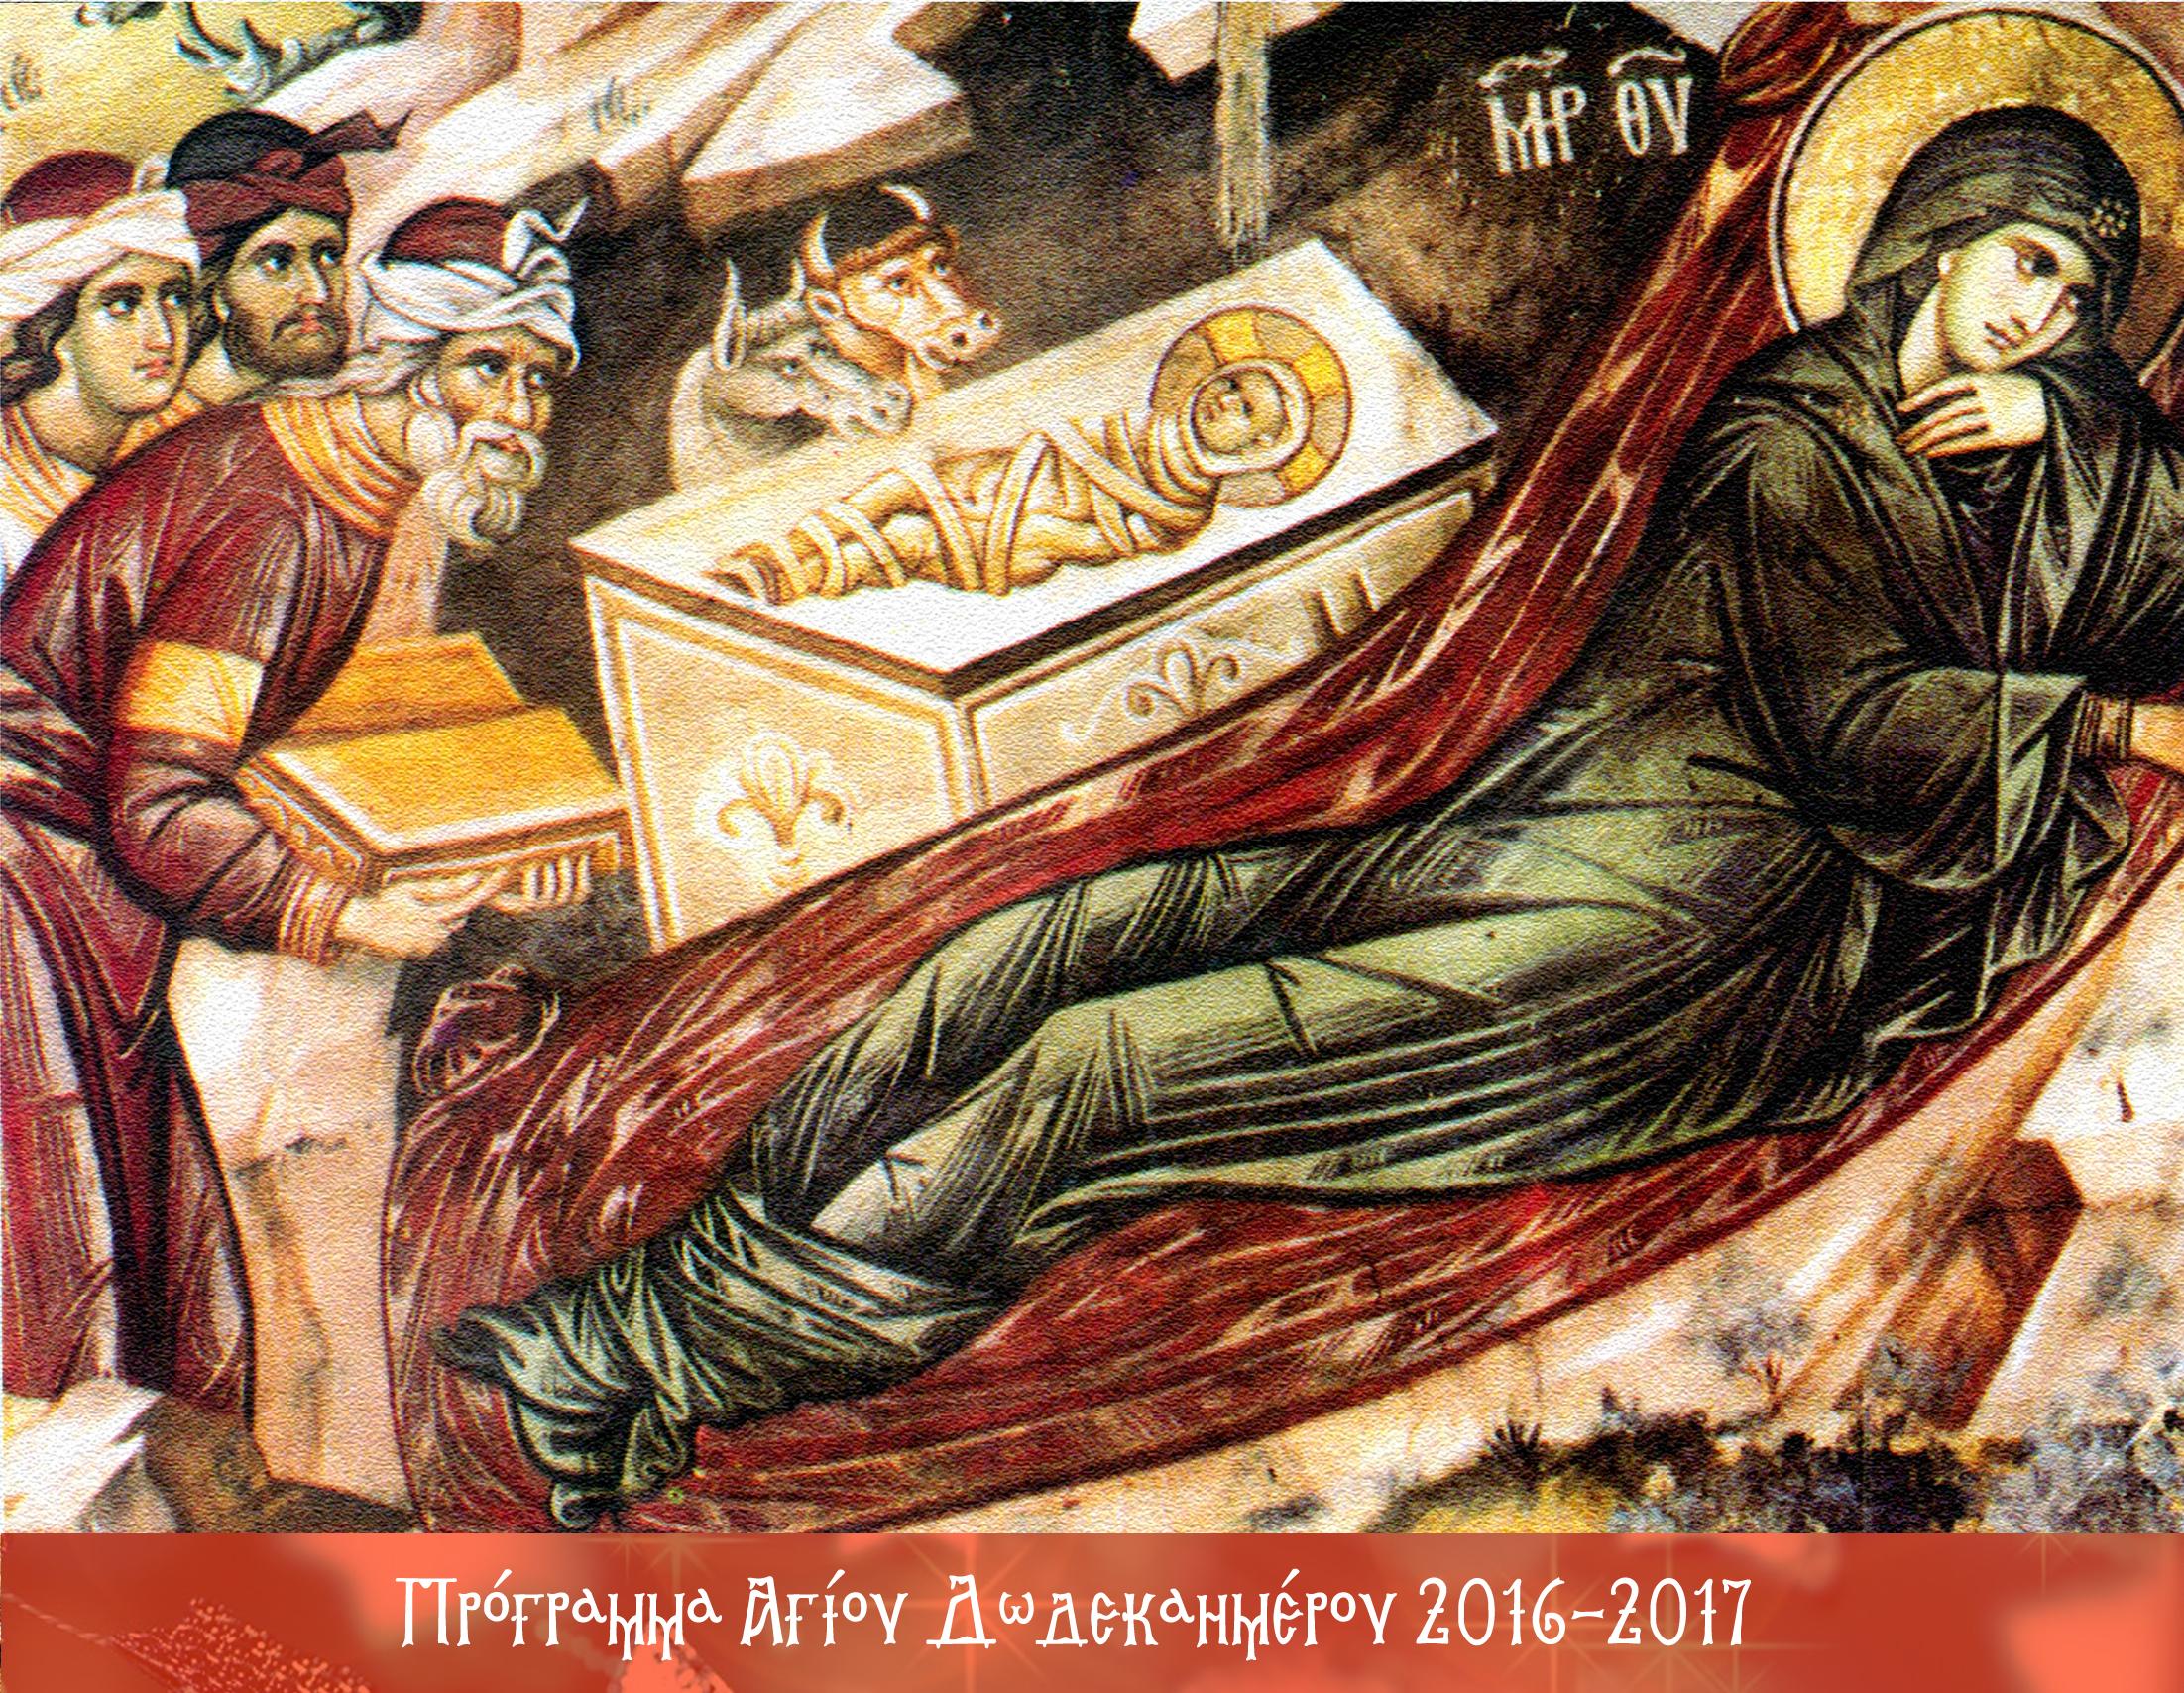 Πρόγραμμα Αγίου Δωδεκαημέρου 2016-2017